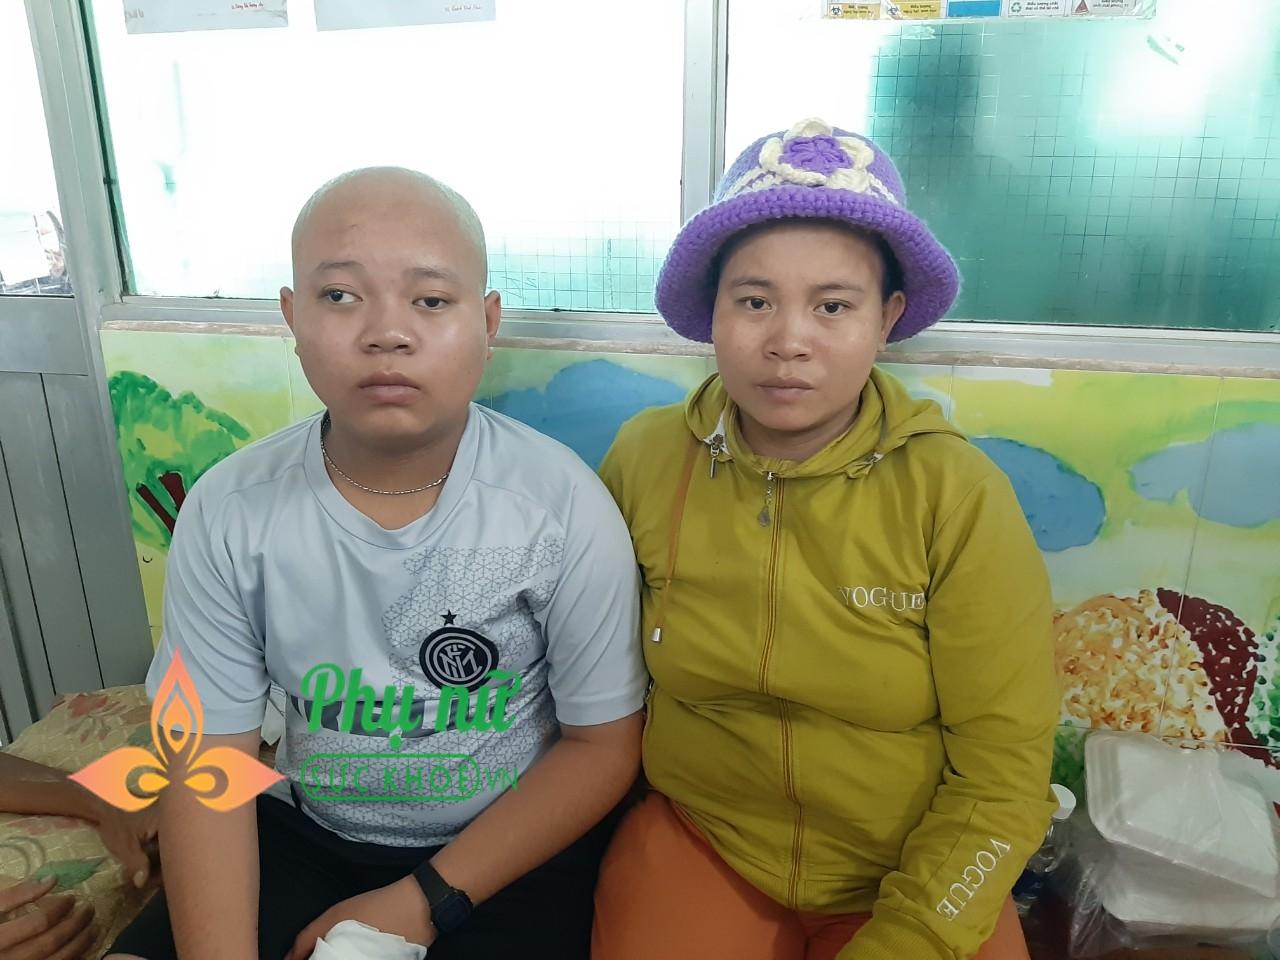 Thương tâm cảnh cậu học trò nghèo bị bệnh u não ác tính, bà nội bị ung thư cổ tử cung, gia cảnh cùng cực, không tiền cứu chữa